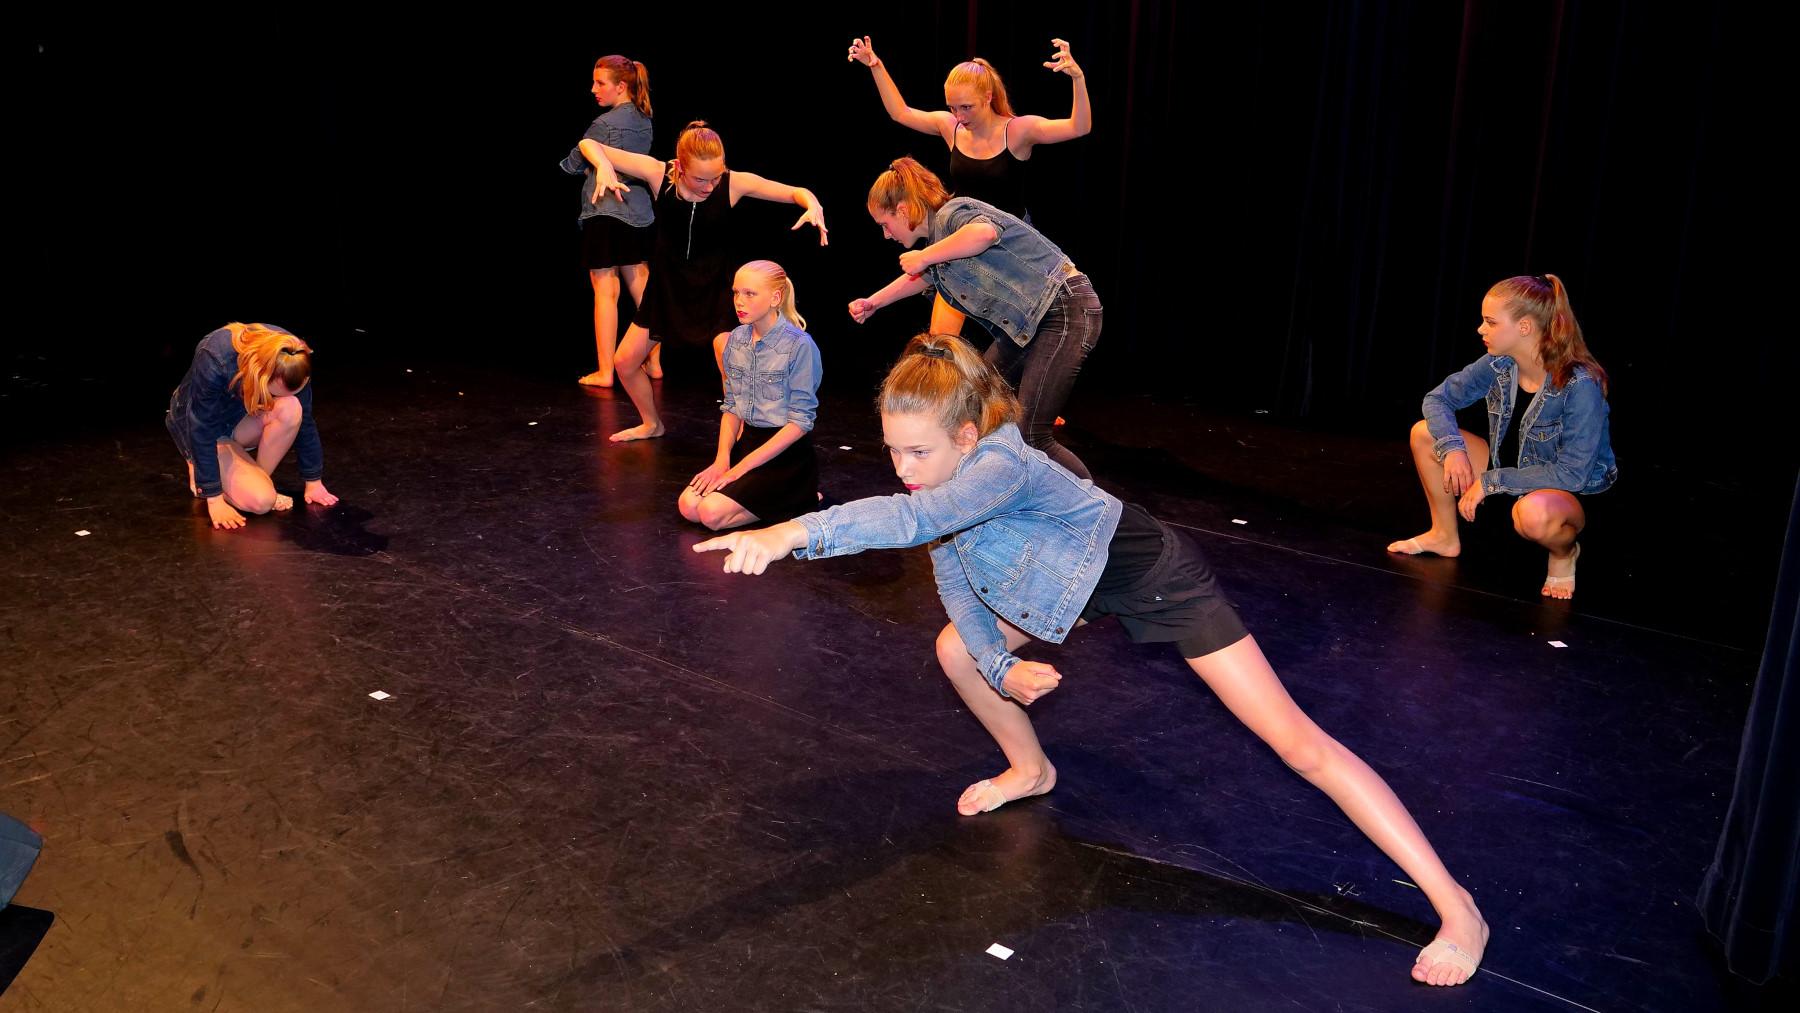 Slotavond Talentenloods 2017-05-27 in Ludens